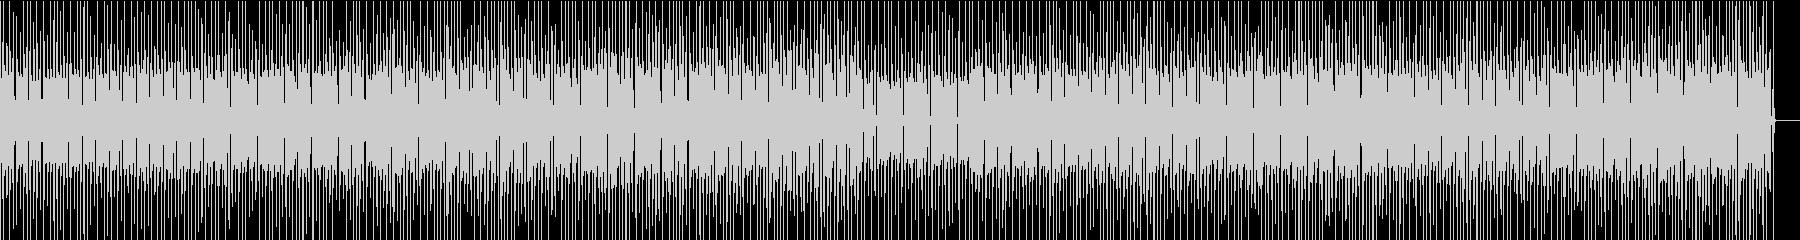 ノリのよい、昔のロック風BGM の未再生の波形